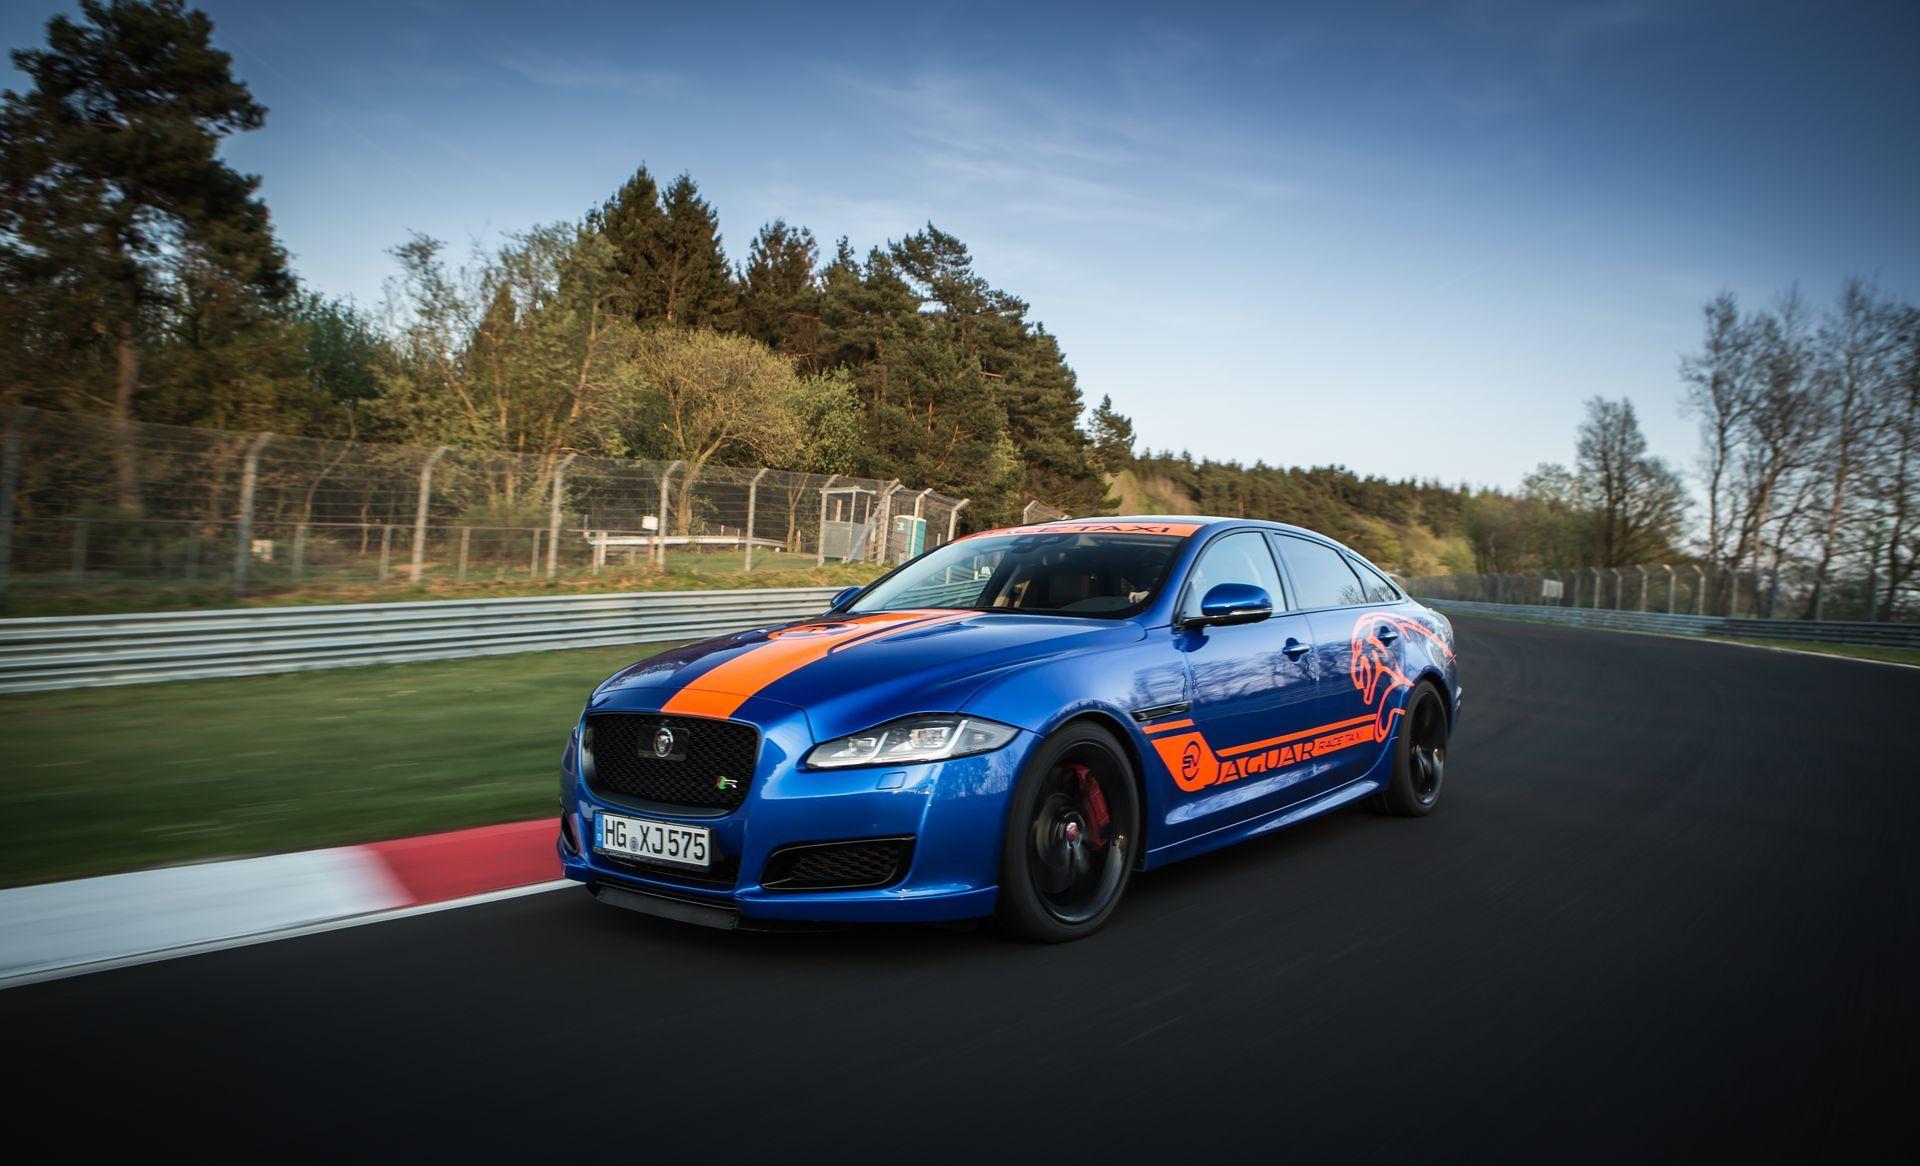 Jaguar Race Taxi Nurburgring 8